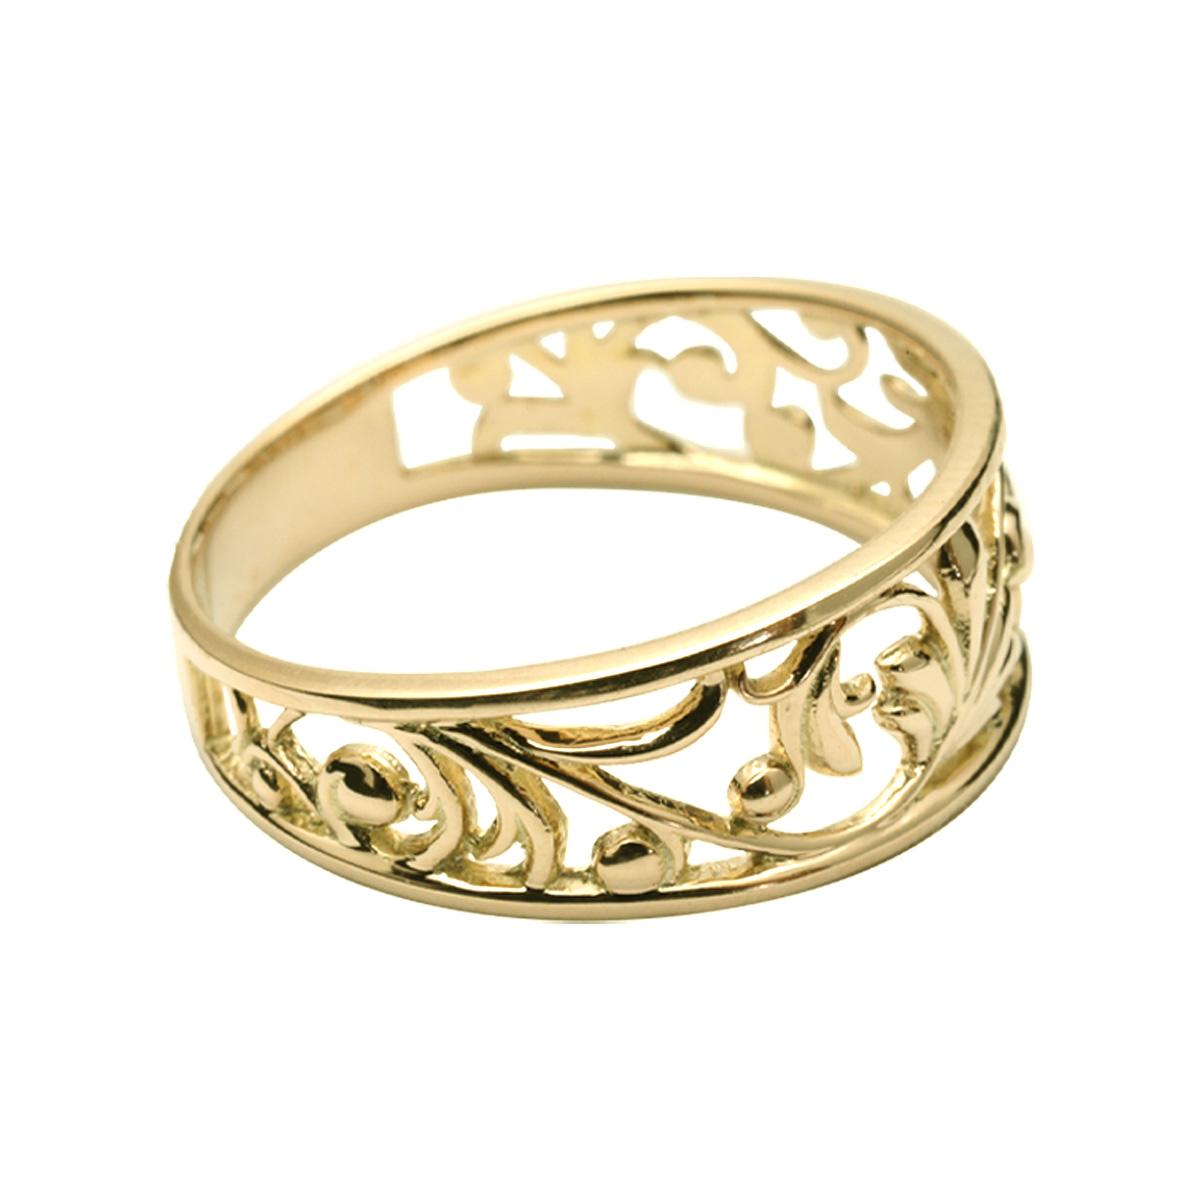 透かし リング 指輪 ハワイアンジュエリー アクセサリー レディース 女性 ゴールド透かしリング(K10 10k ゴールド 10金 イエローゴールド) ari1541 プレゼント ギフト 新作